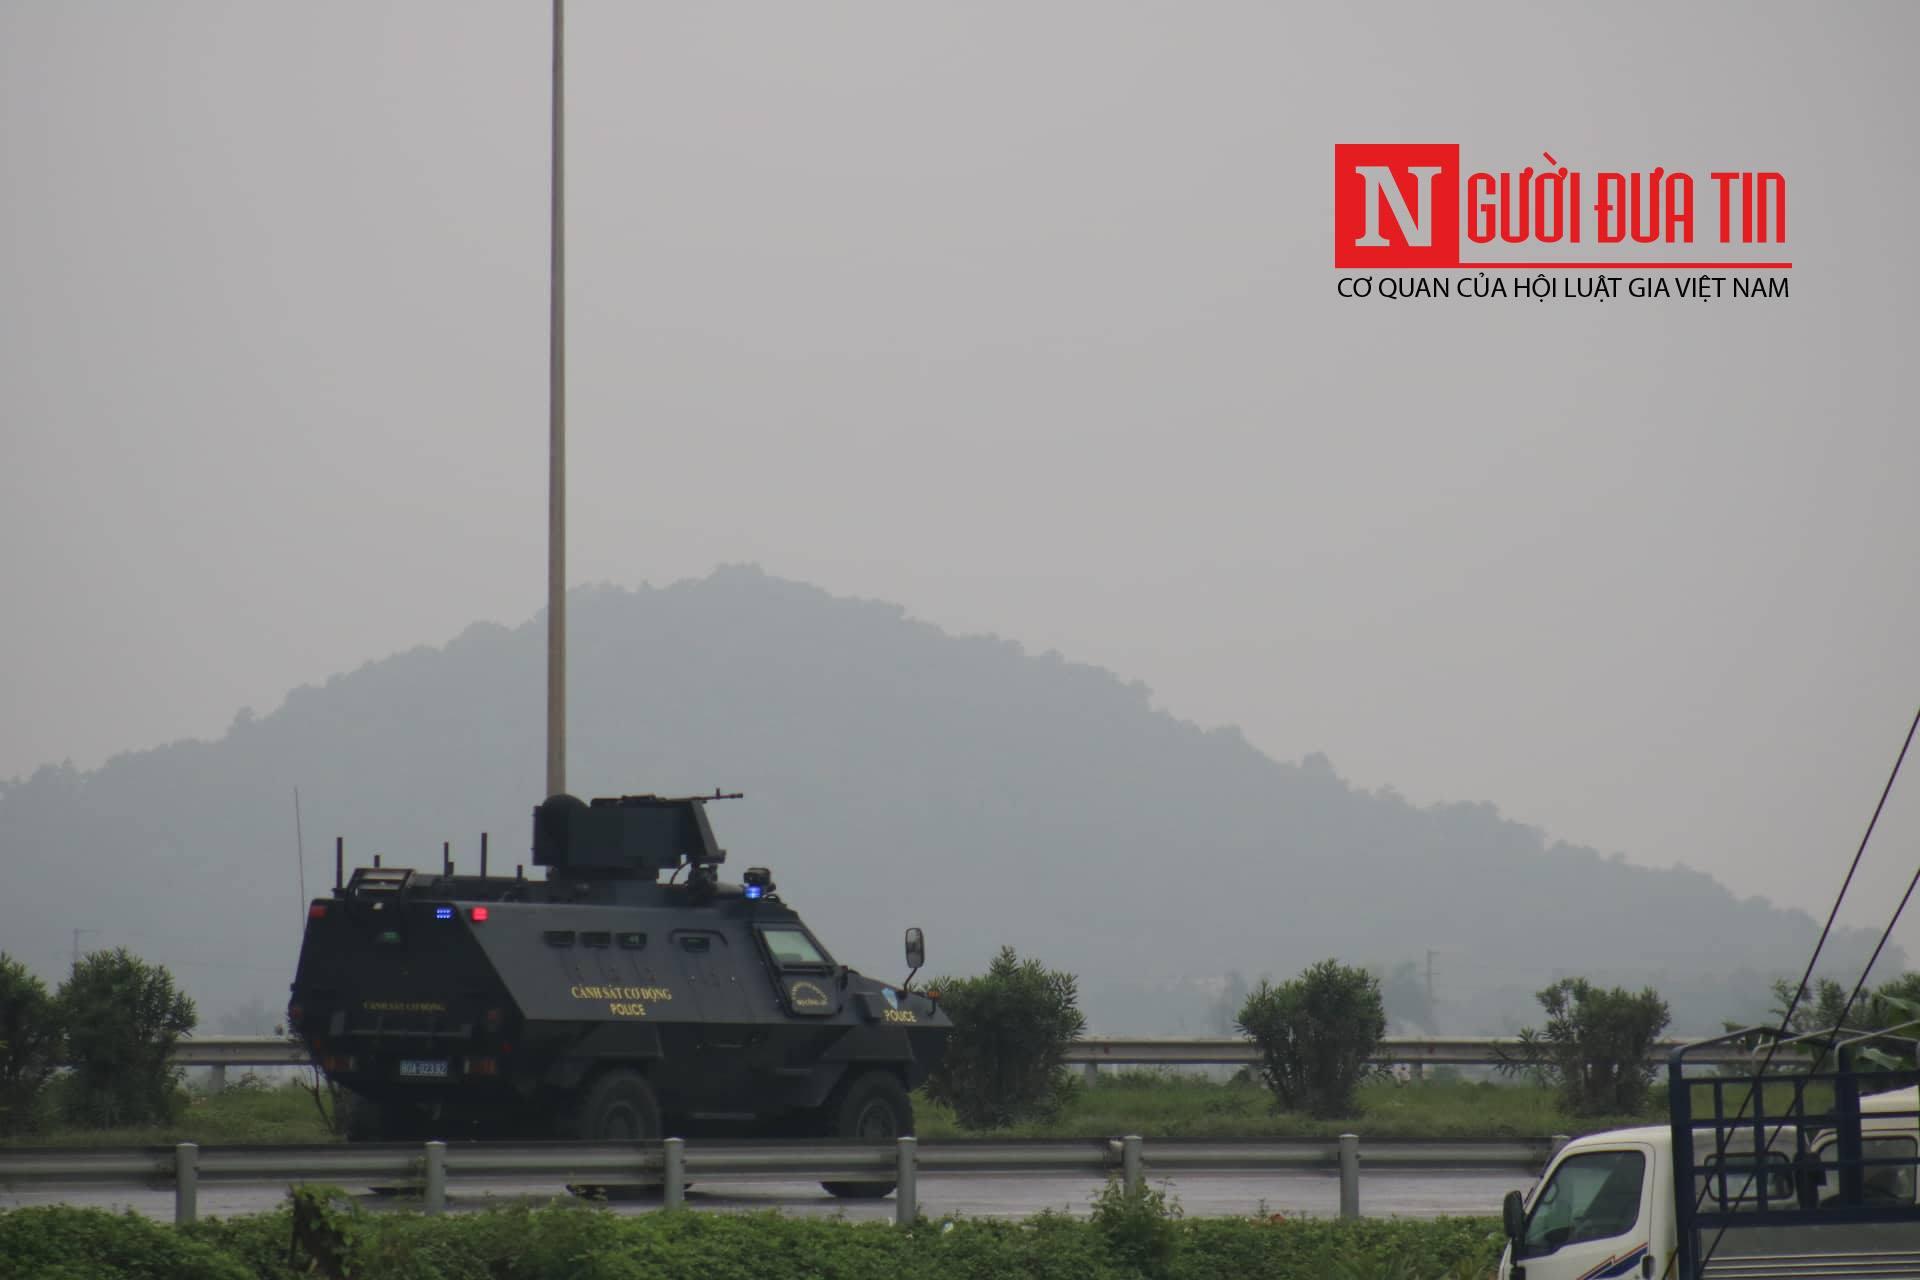 [Trực tiếp] Cận cảnh lực lượng an ninh dày đặc quanh khách sạn nơi Chủ tịch Kim Jong-un vừa có mặt - Ảnh 8